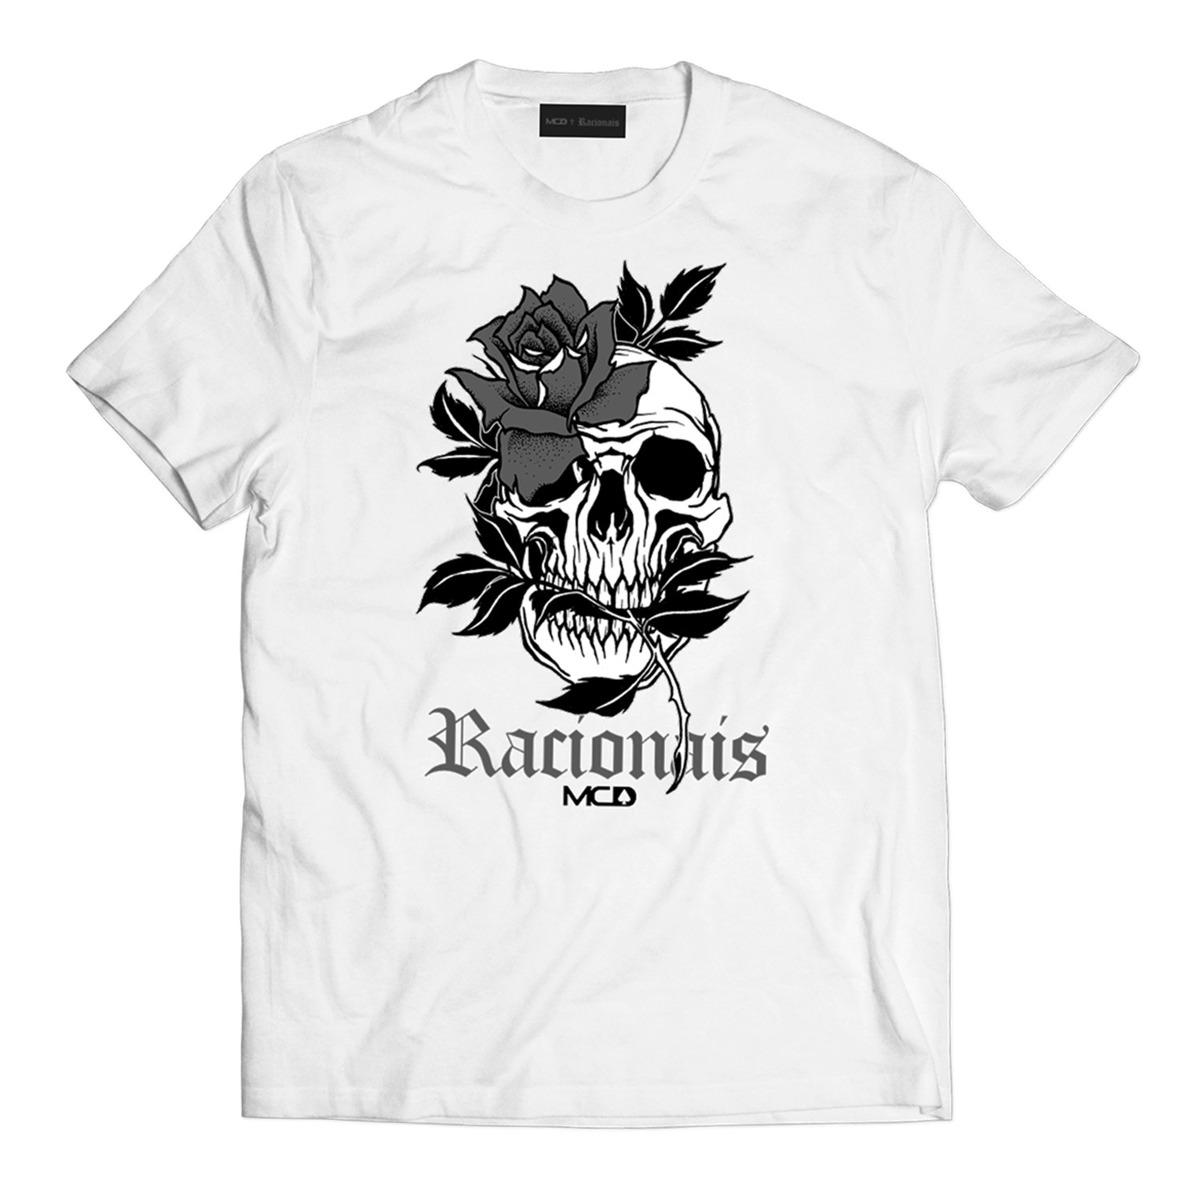 camiseta mcd racionais iv. Carregando zoom. 6757ac1dd0a